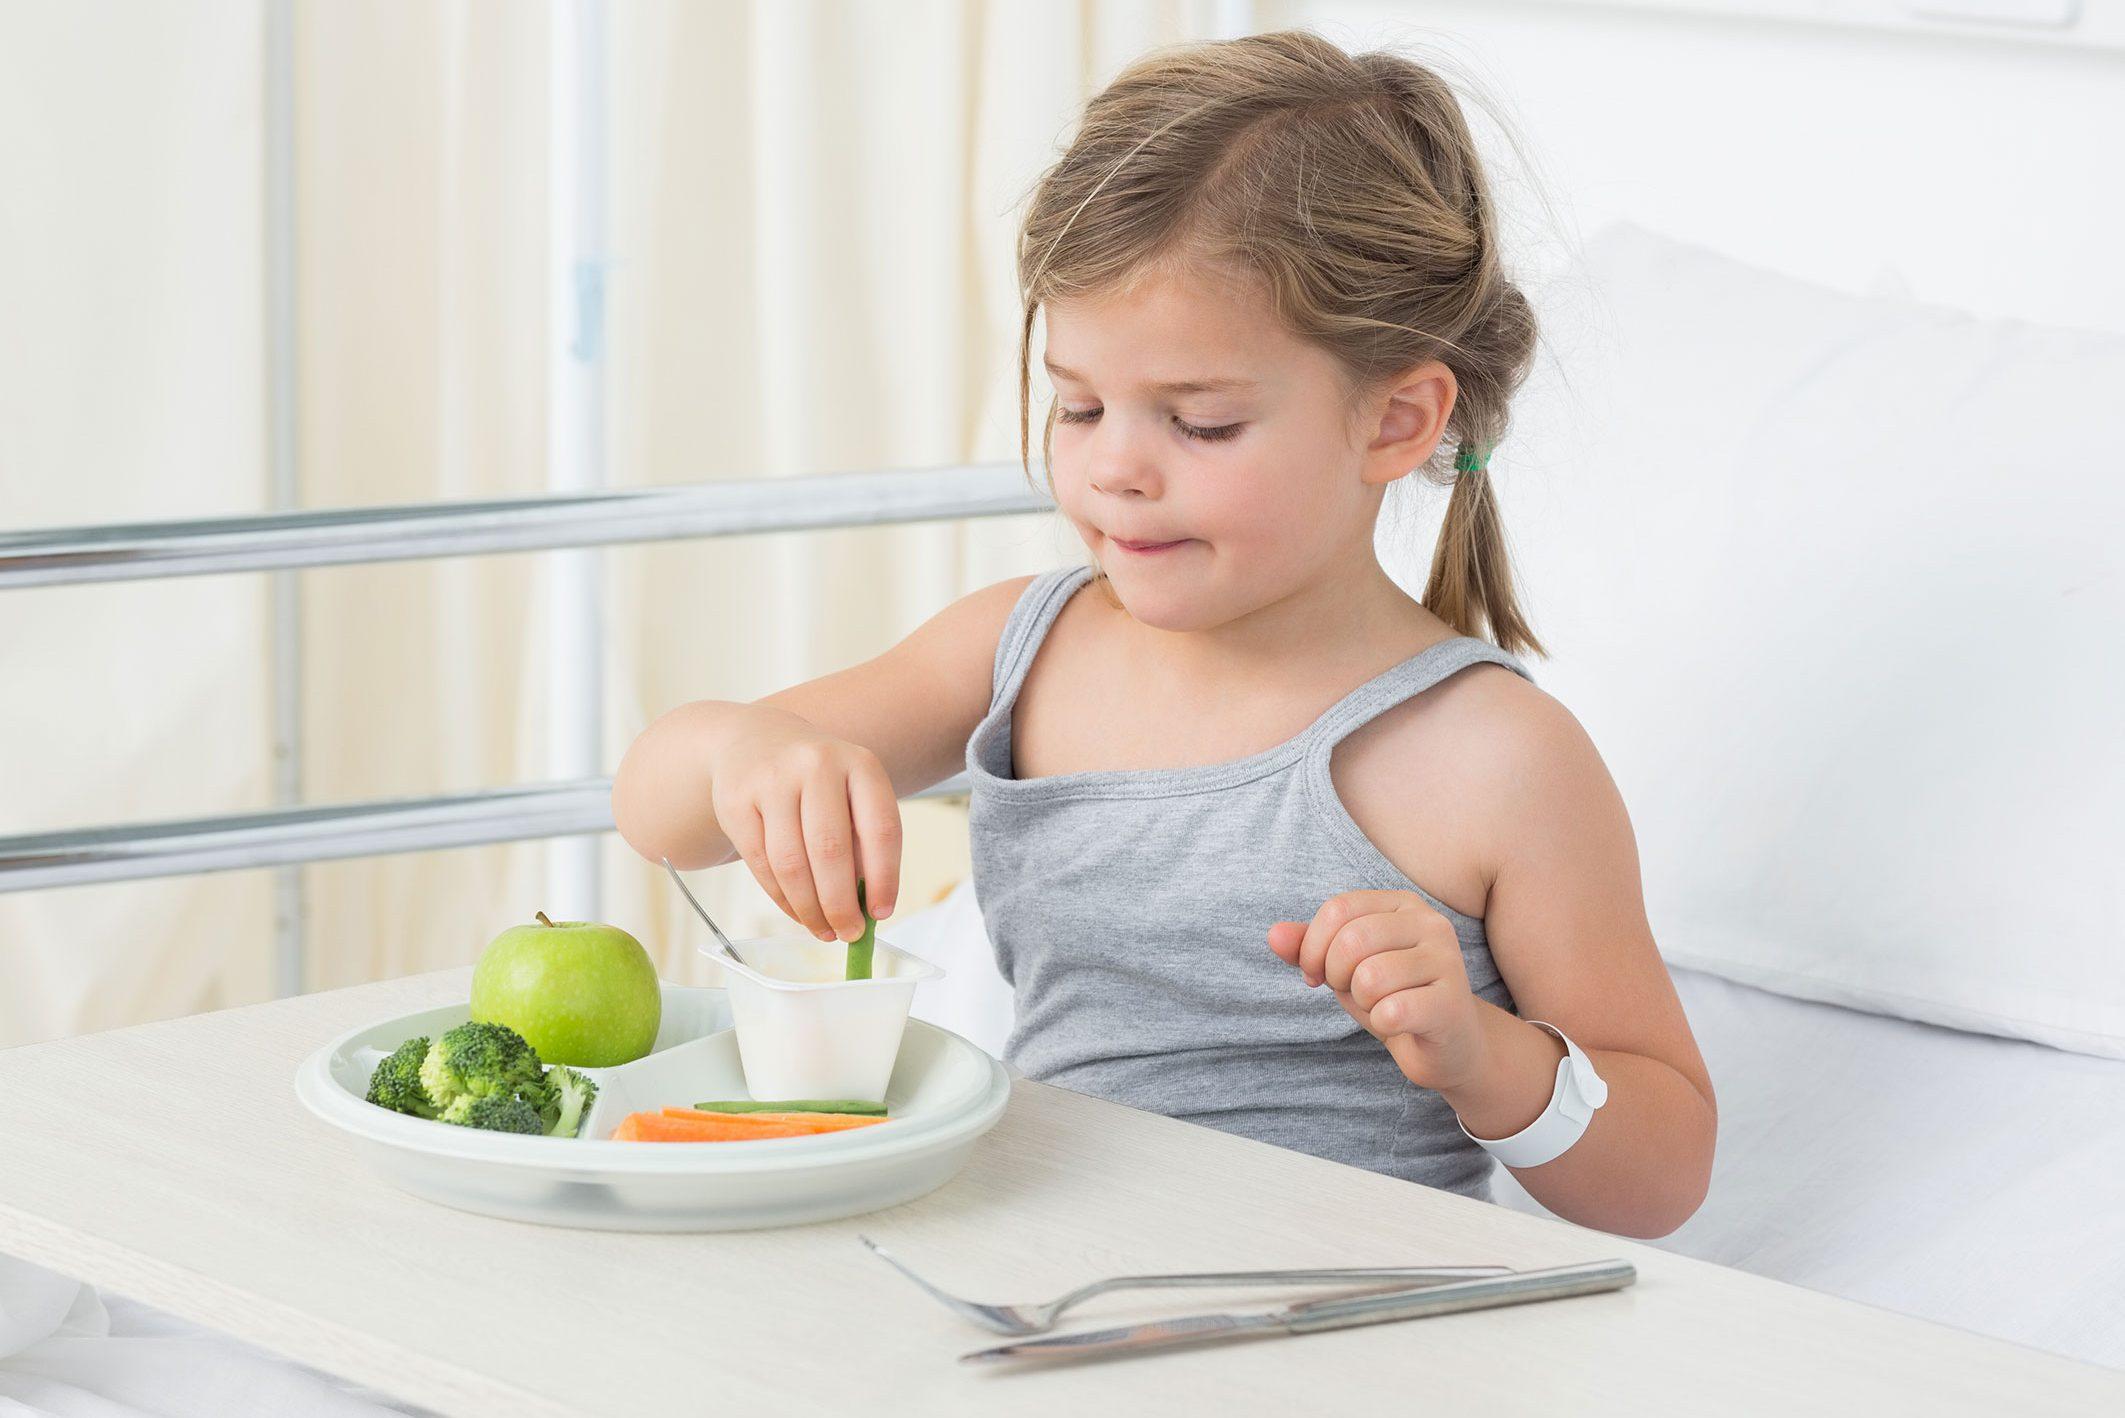 Experiências no empratamento de refeições pastosas